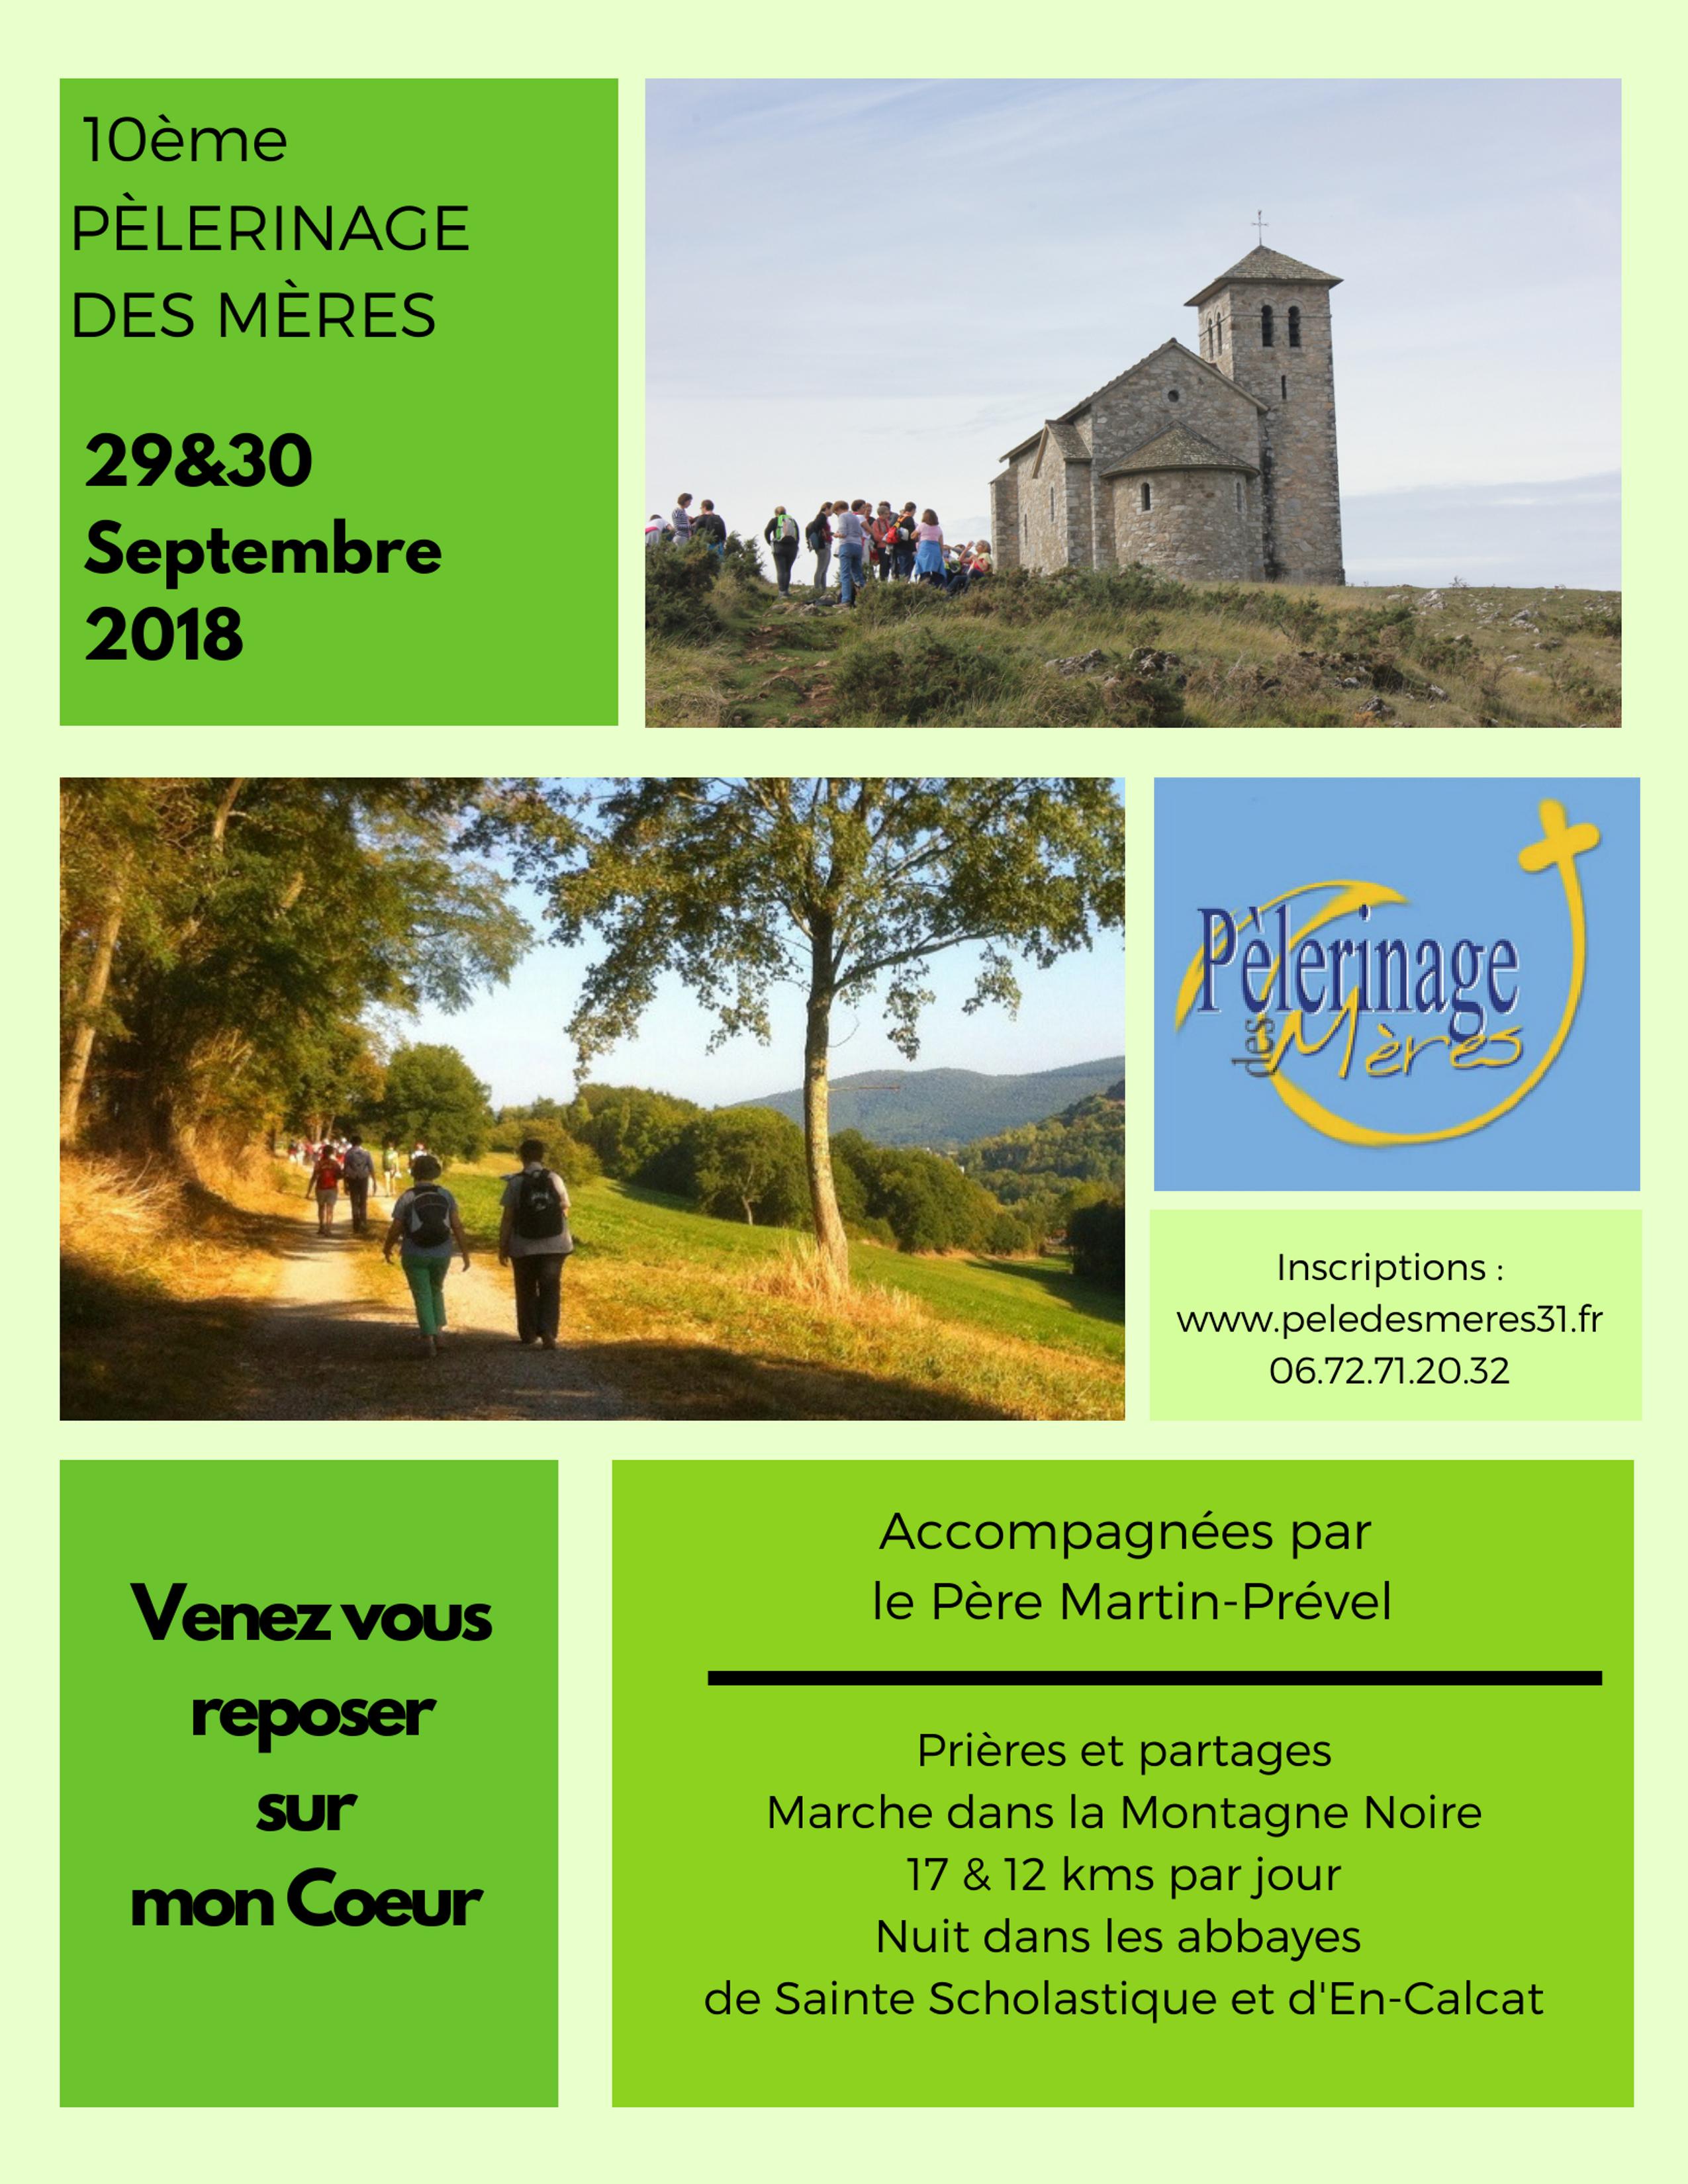 Pèlerinage des mères de la Haute-Garonne autour de Dourgne et En Calcat (81) les 29 & 30 septembre 2018